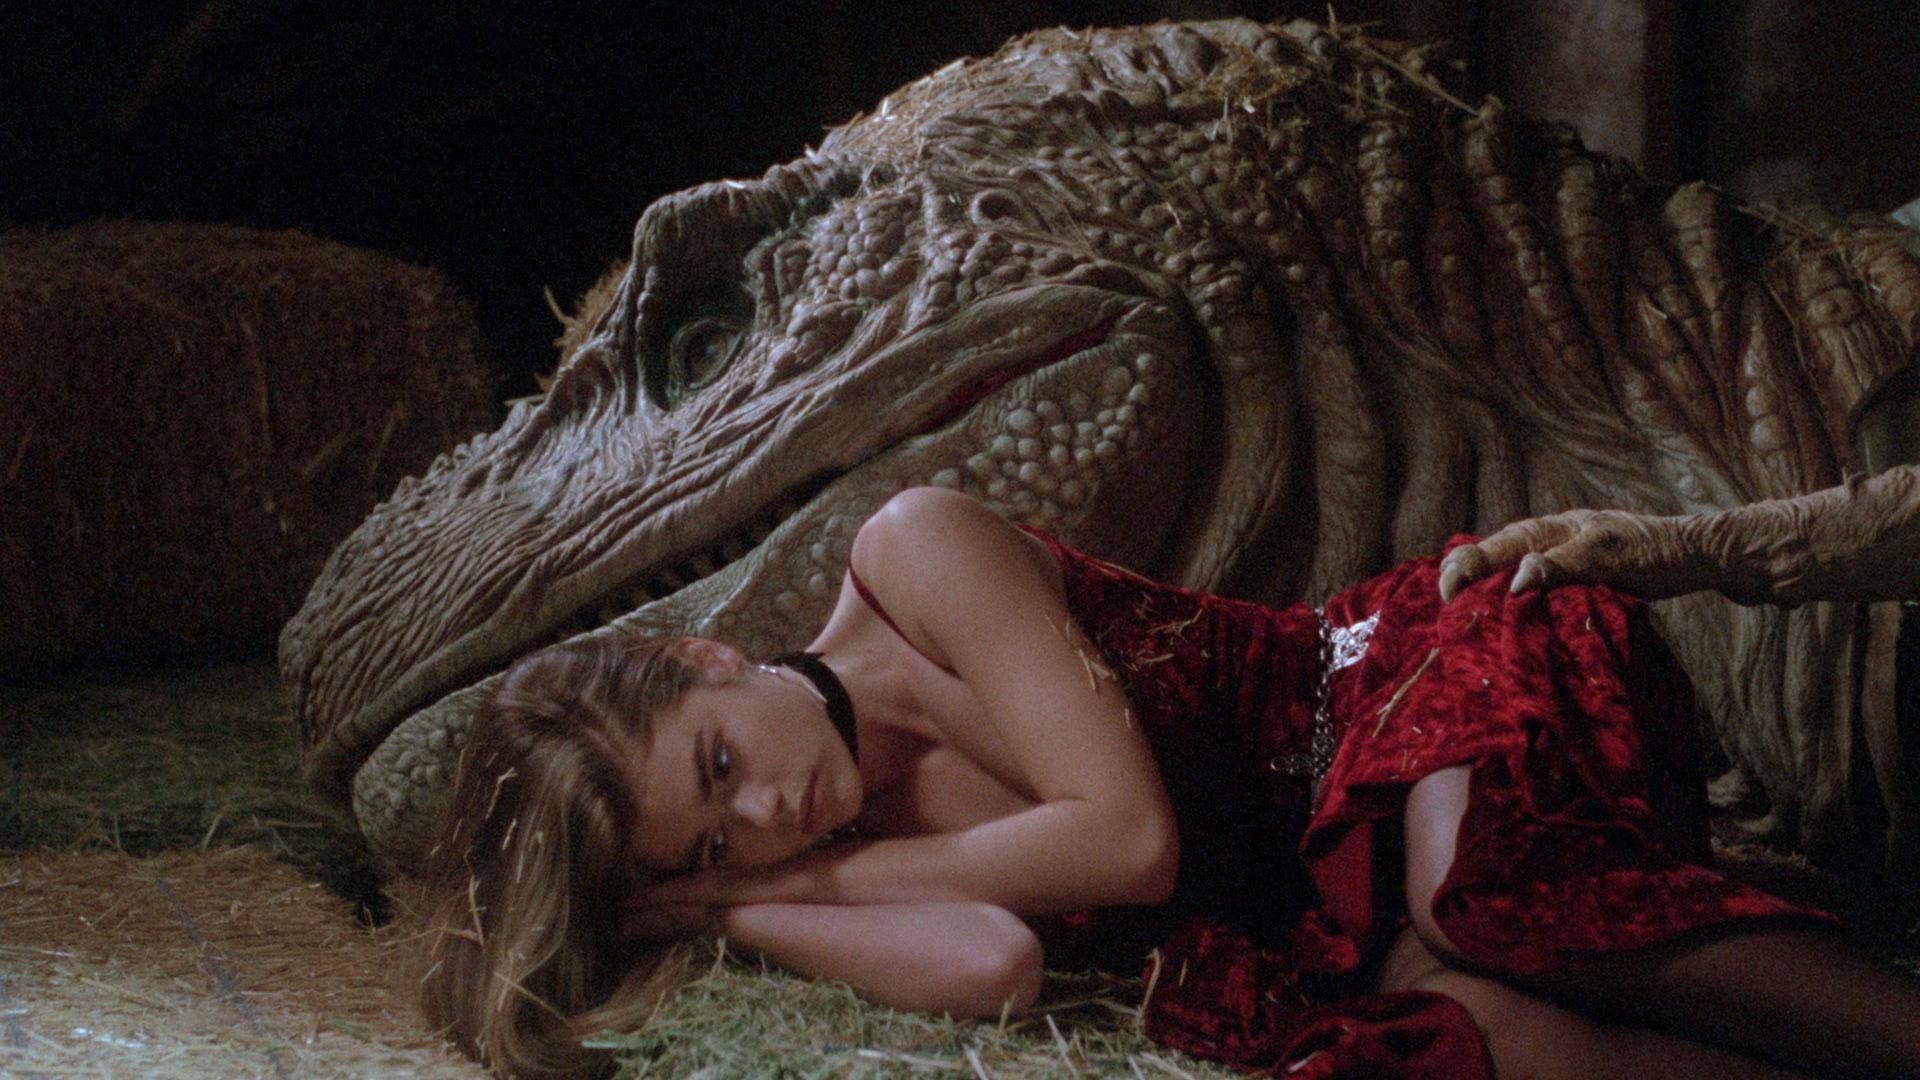 Tammy ja türannosaurus Rex